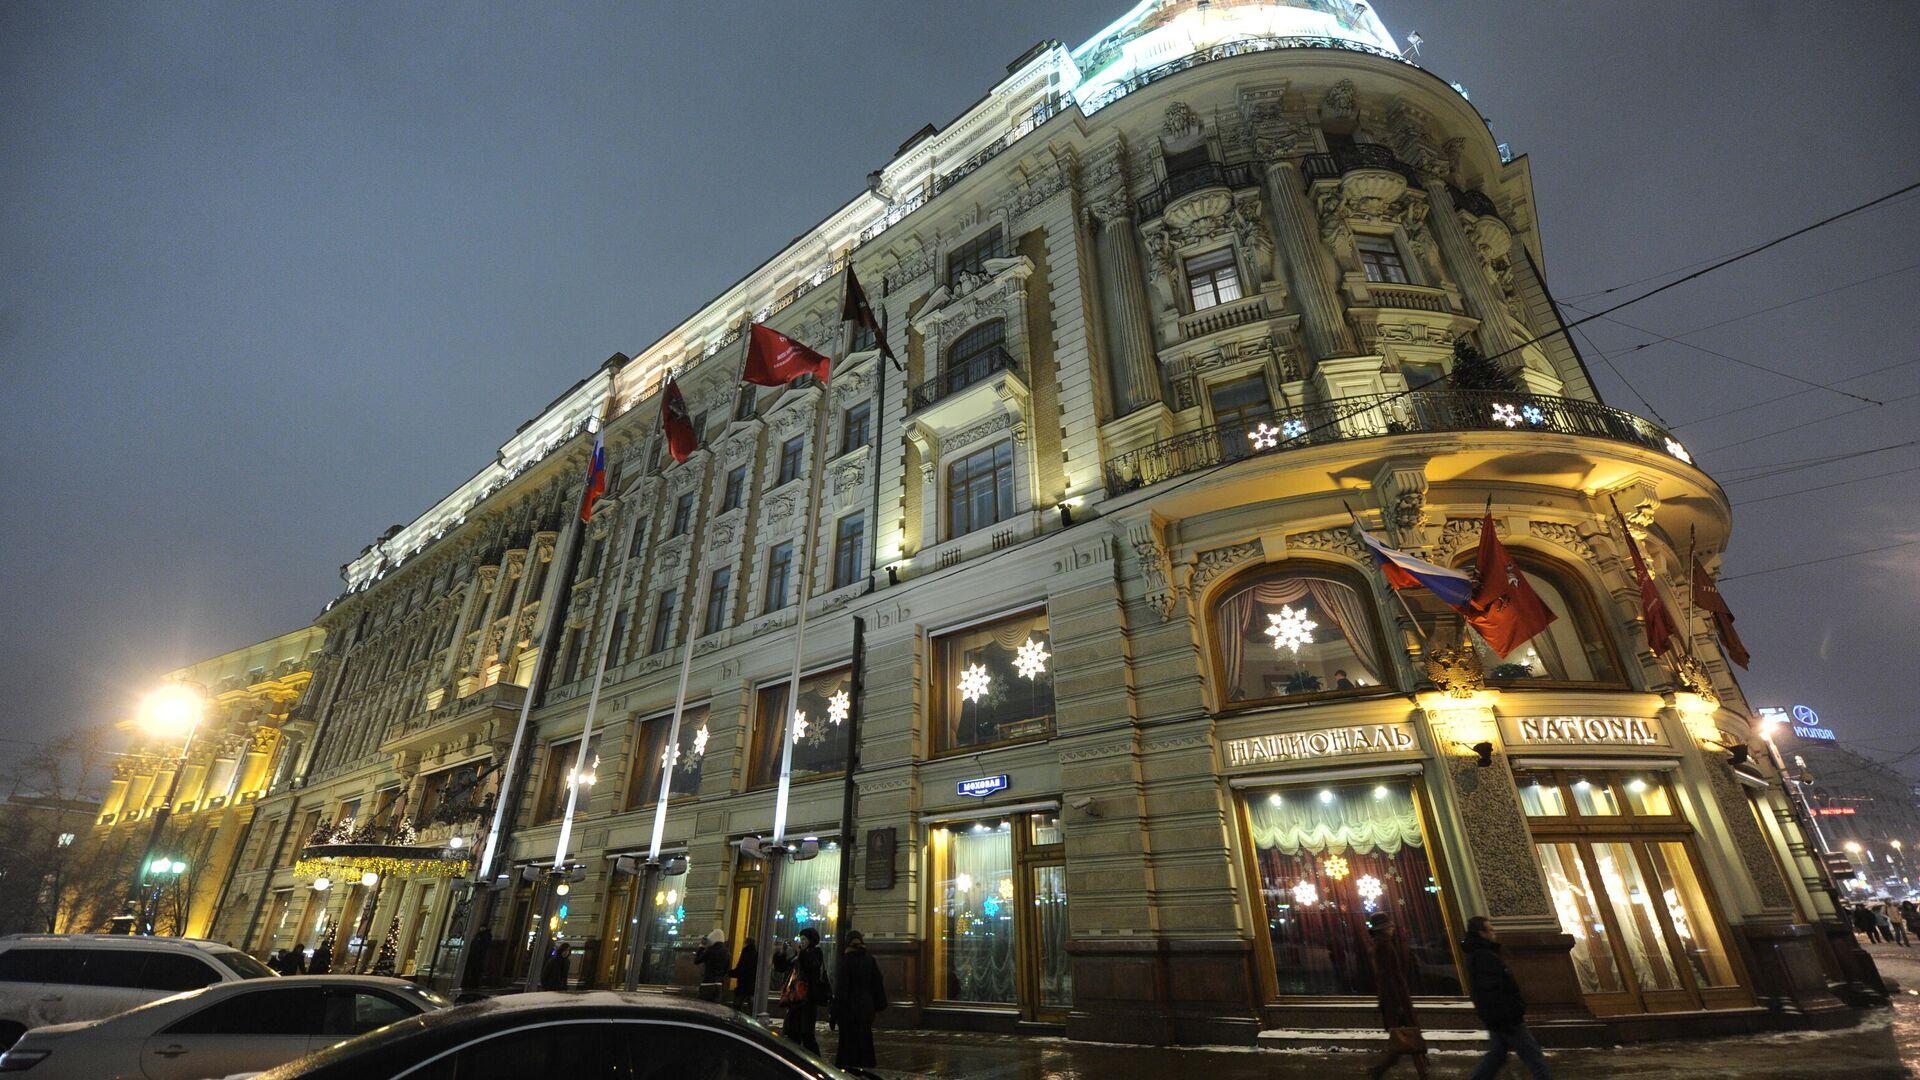 Отель Националь - РИА Новости, 1920, 22.10.2020